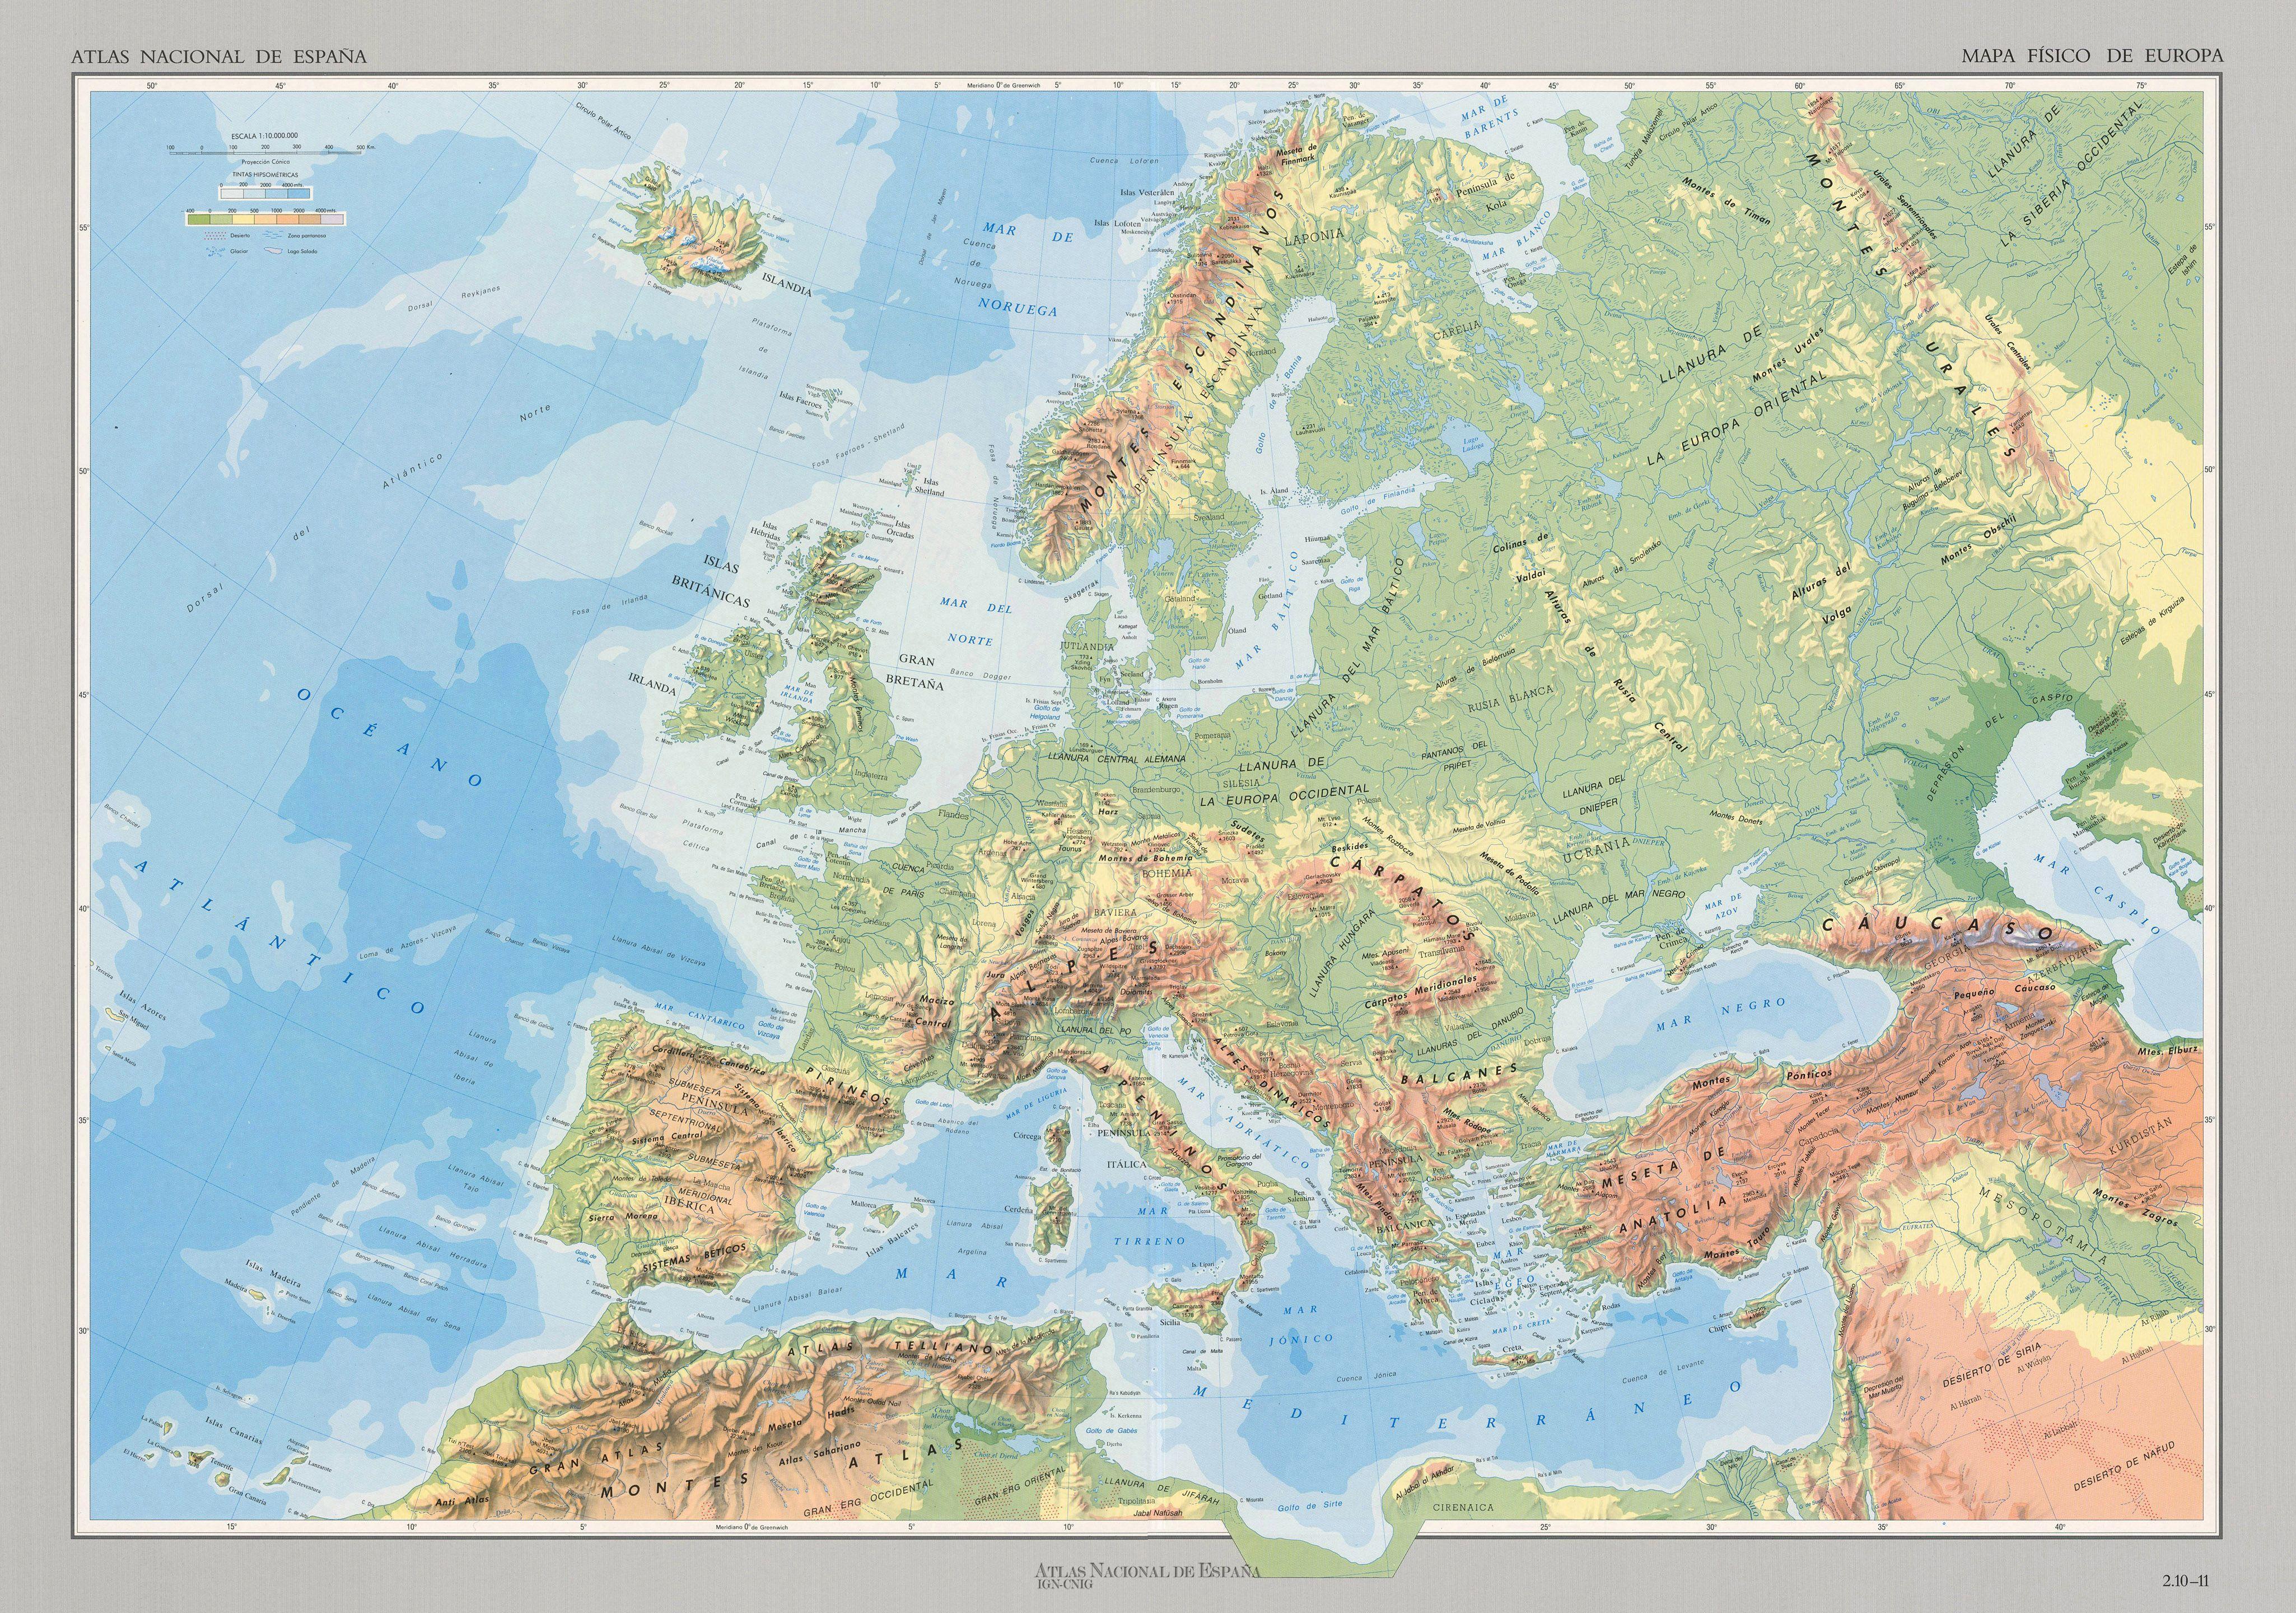 Recopilacin de mapas Garmin en descarga directa para GPS